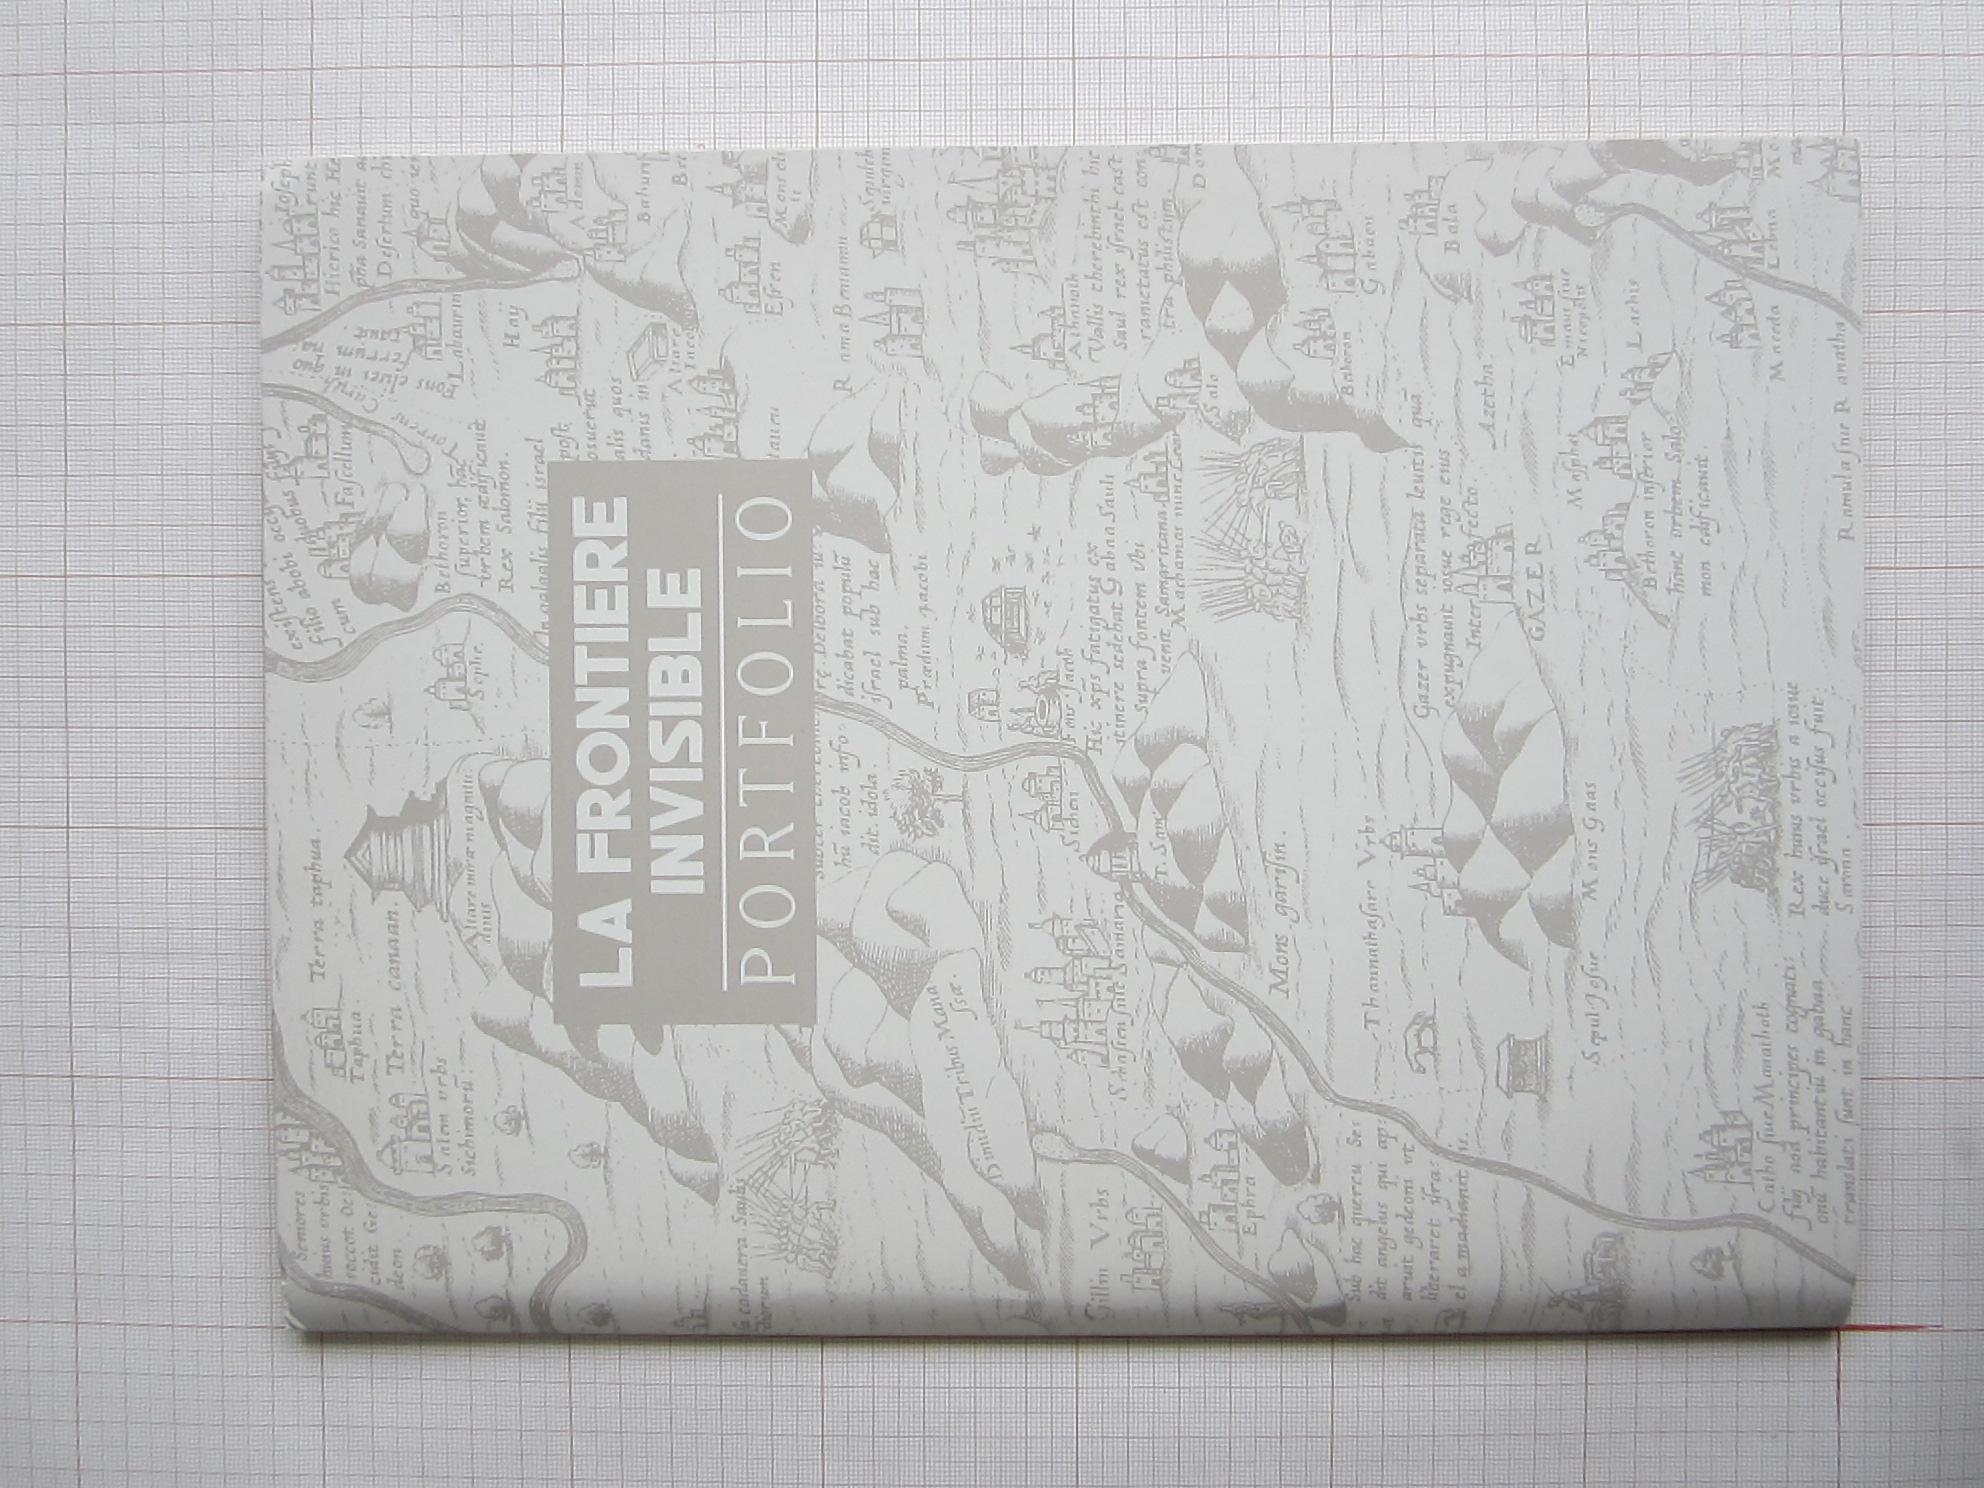 La Frontière invisible portfolio© François Schuiten, 2002